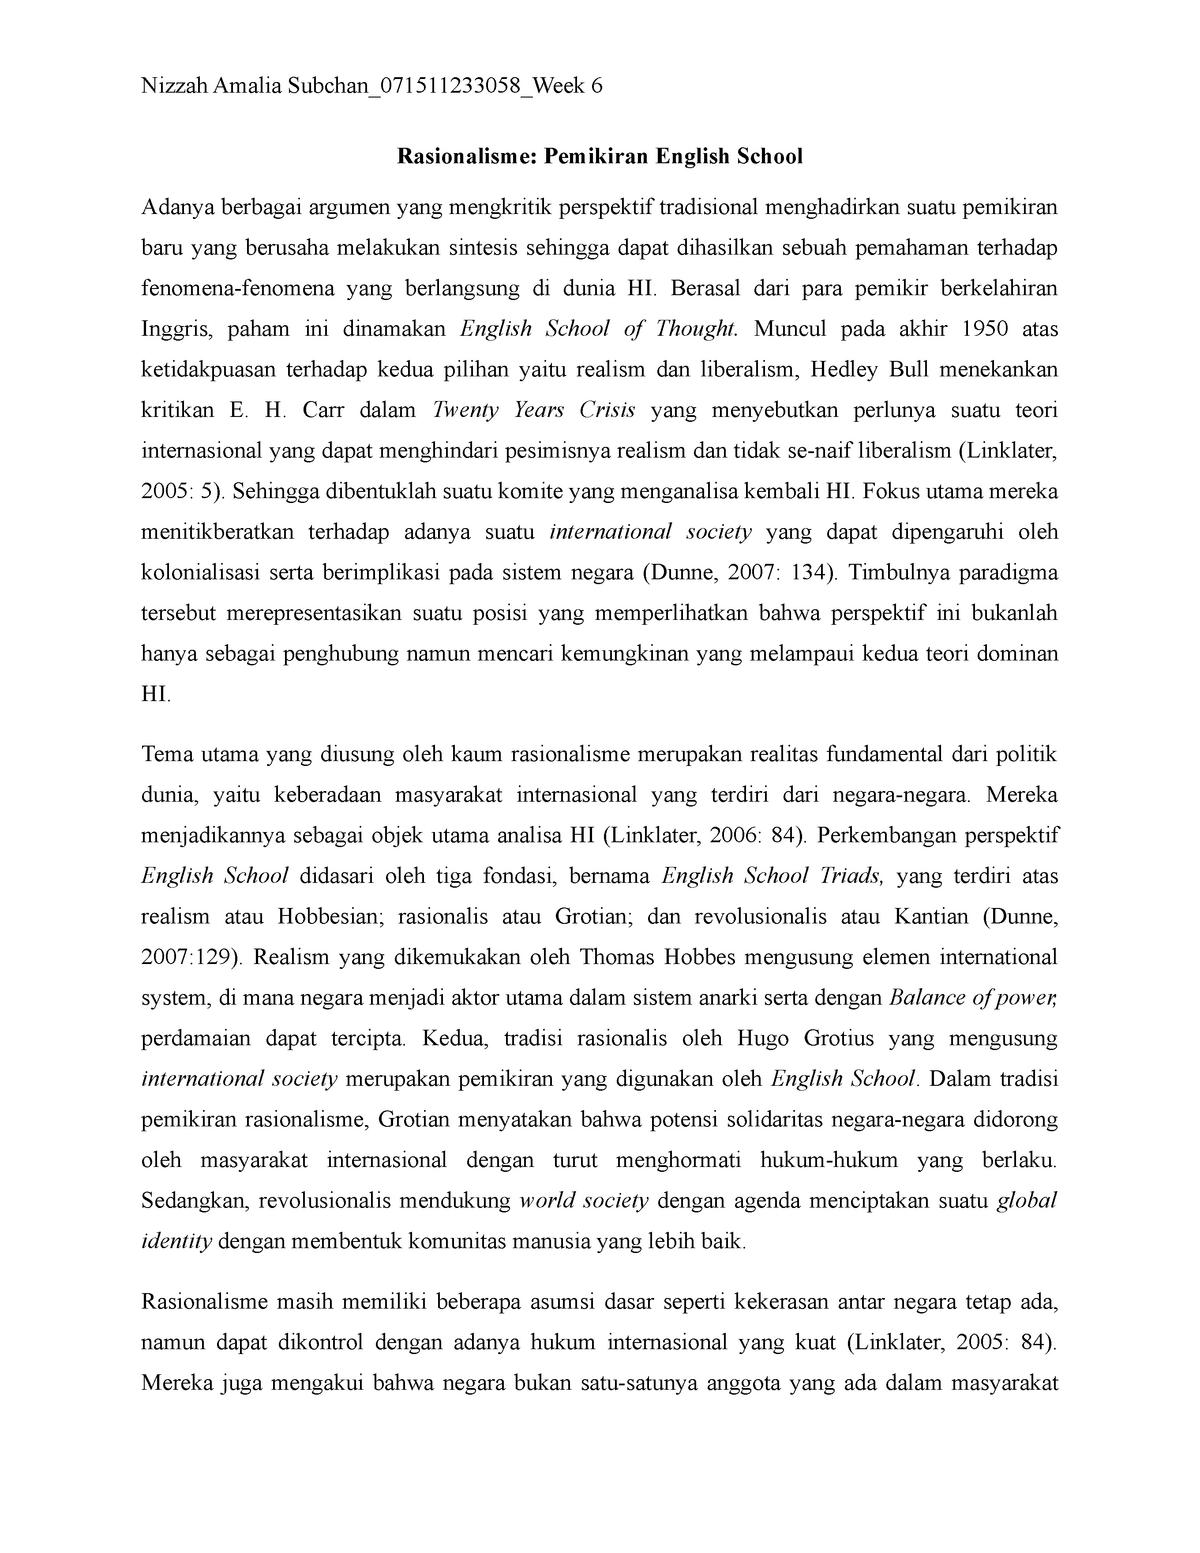 Week 6 Rasionalisme Pemikiran English School Soh201 Studocu